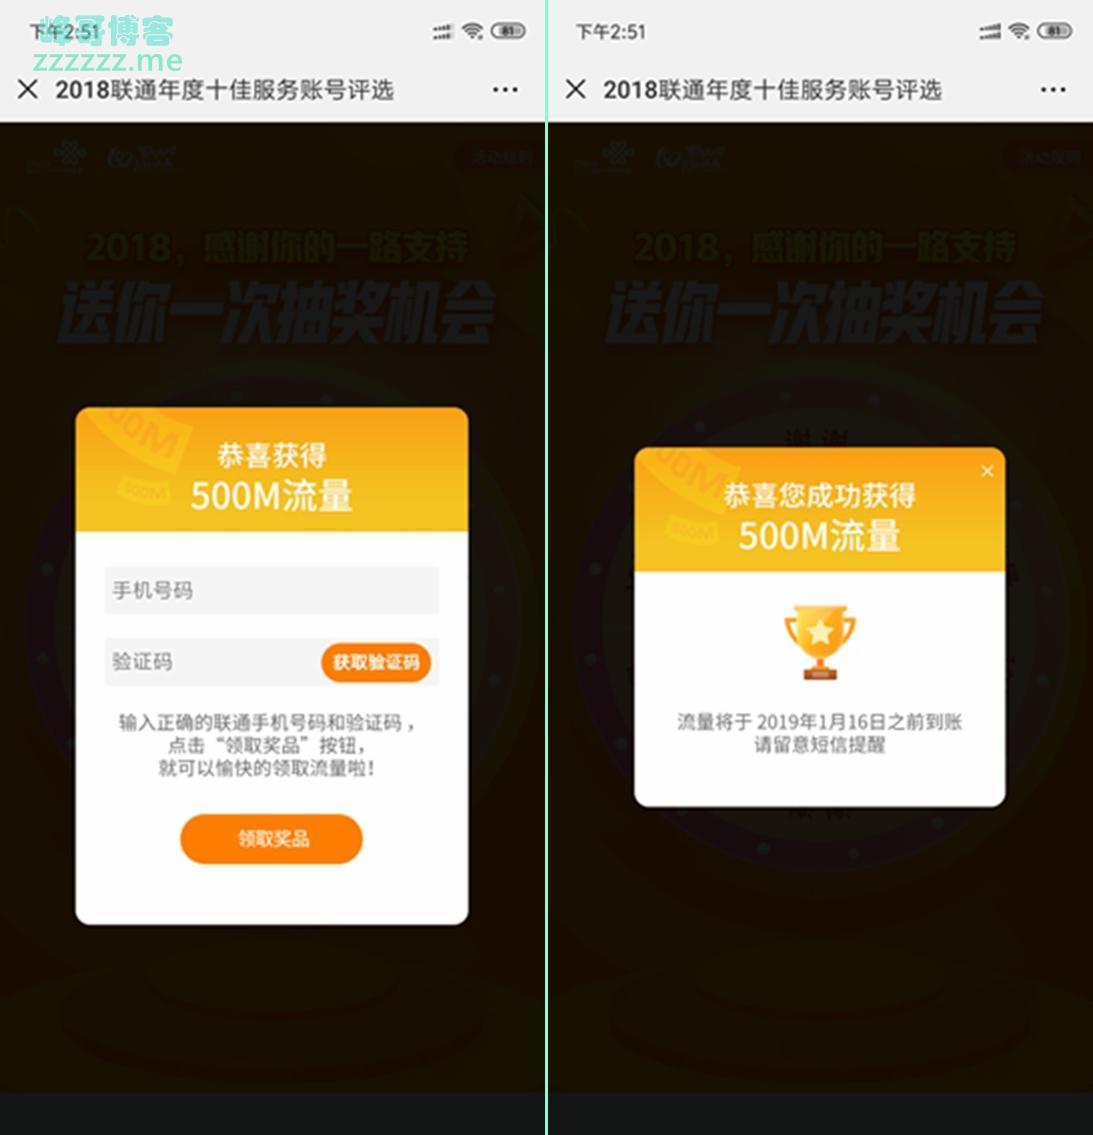 微信中国联通年度十佳服务账号评选活动 抽500M全国流量!